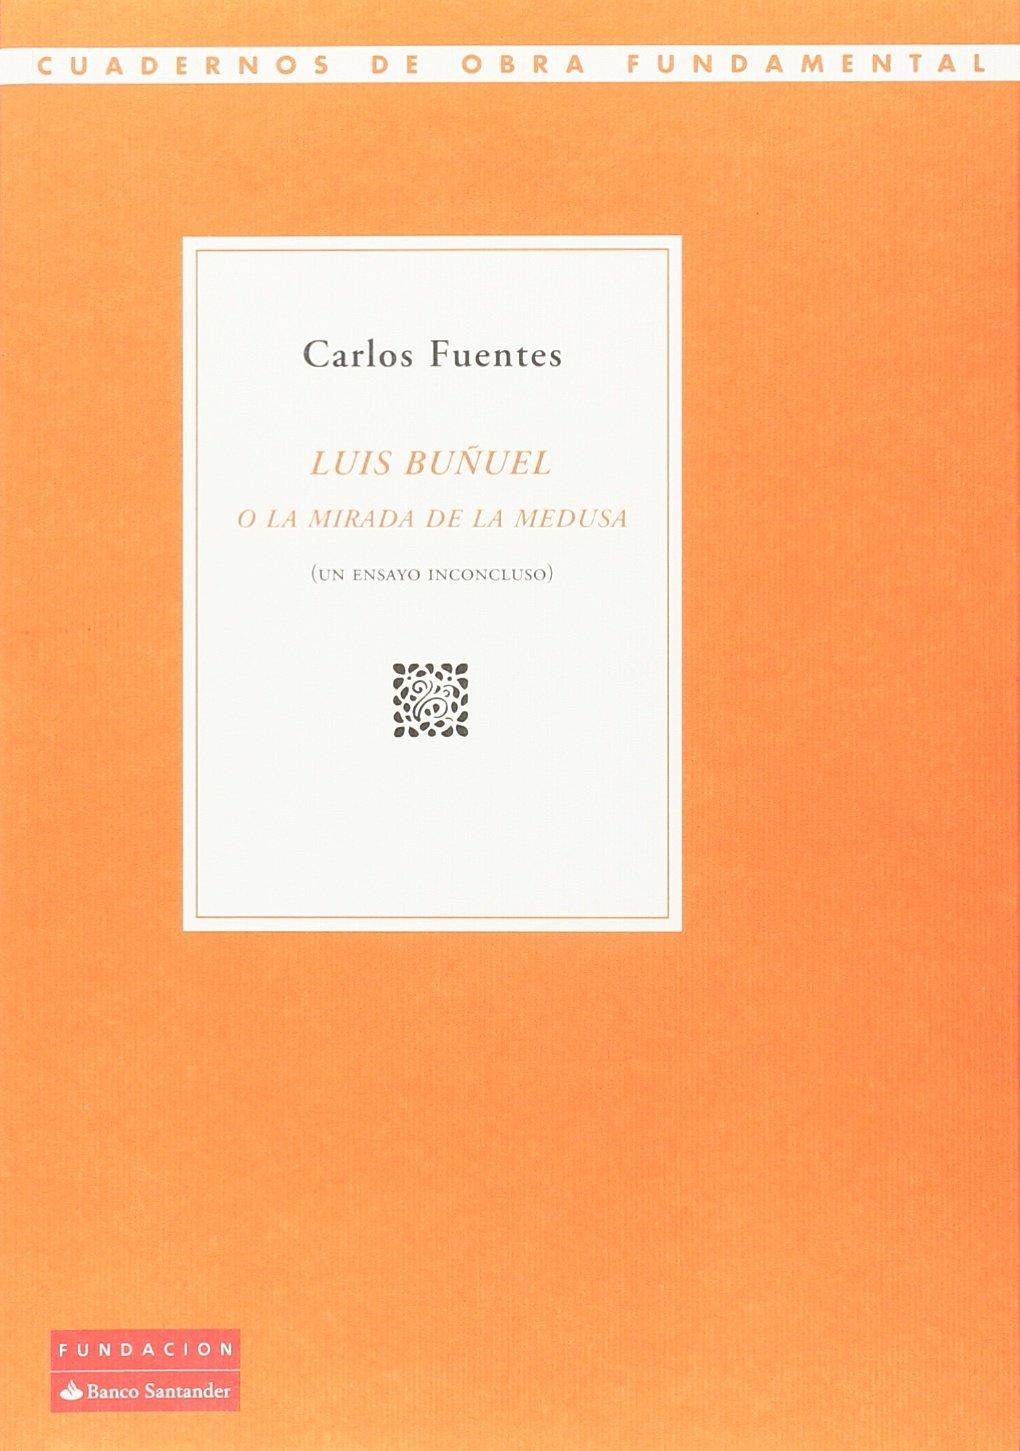 Luis Buñuel o la mirada de la medusa Cuadernos de Obra Fundamental: Amazon.es: Carlos Fuentes Macías, Román Gubern Garriga-Nogués, Javier Herrera Navarro: ...